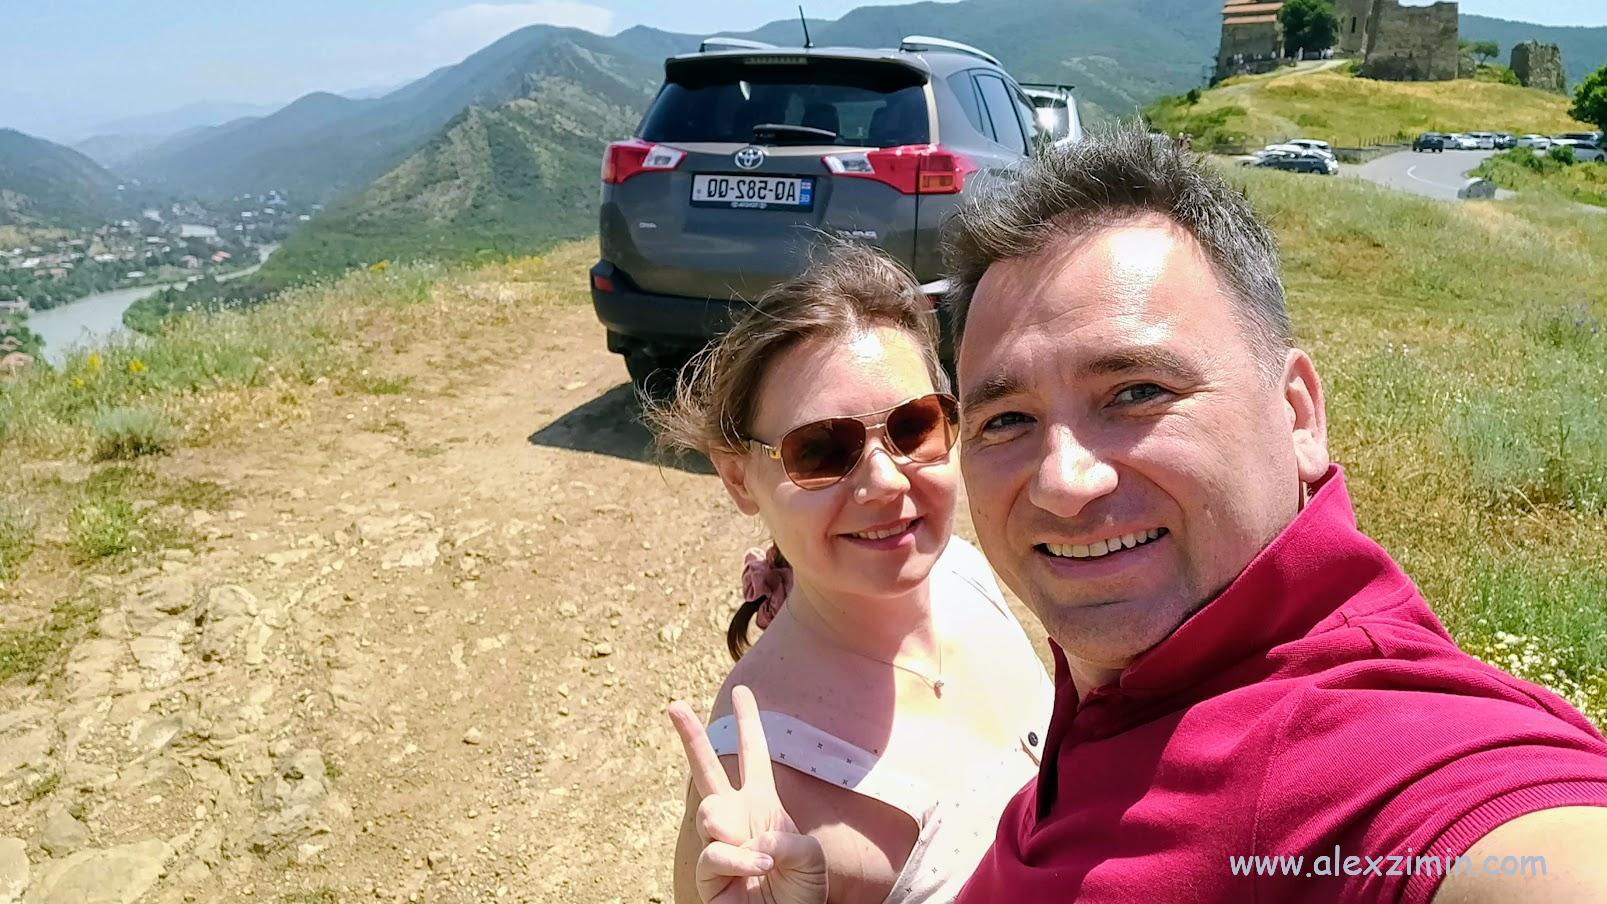 Алексей Зимин и Екатерина Зимина в Грузии на фоне арендованной машины